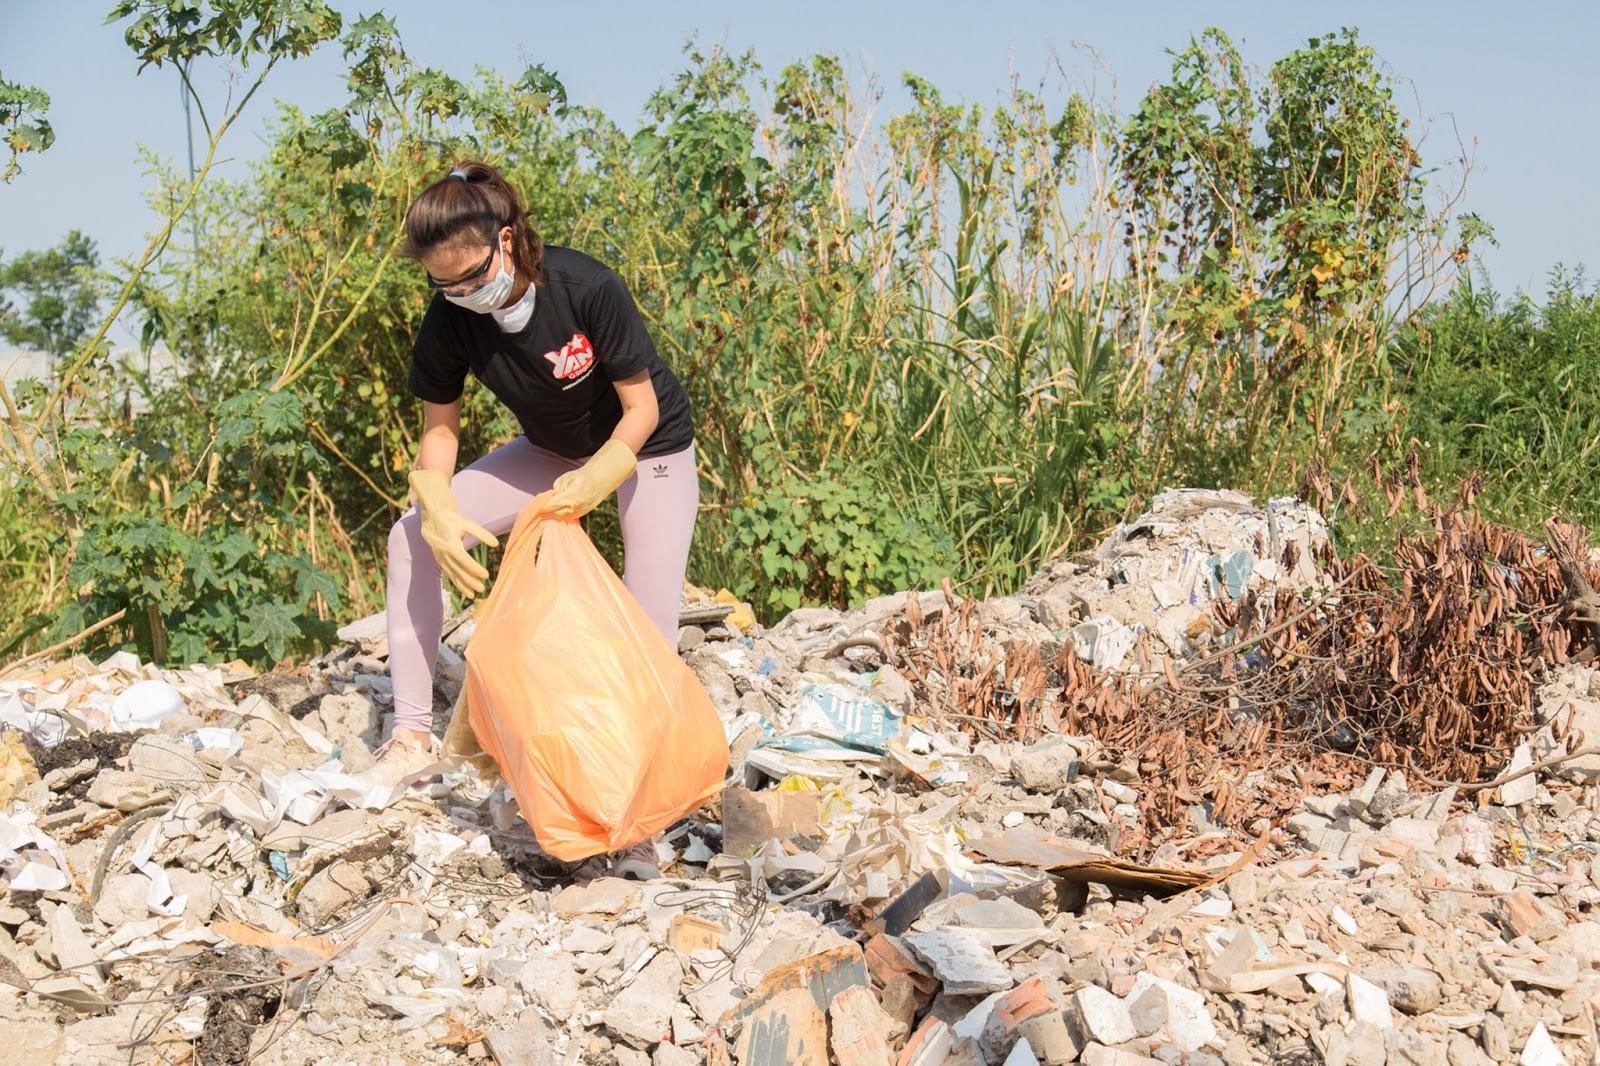 Rớt nước mắt khi thấy H'Hen Niê quần áo lấm lem, người đầy bụi đất dọn bãi rác kinh hoàng dưới cầu Thủ Thiêm - Hình 12